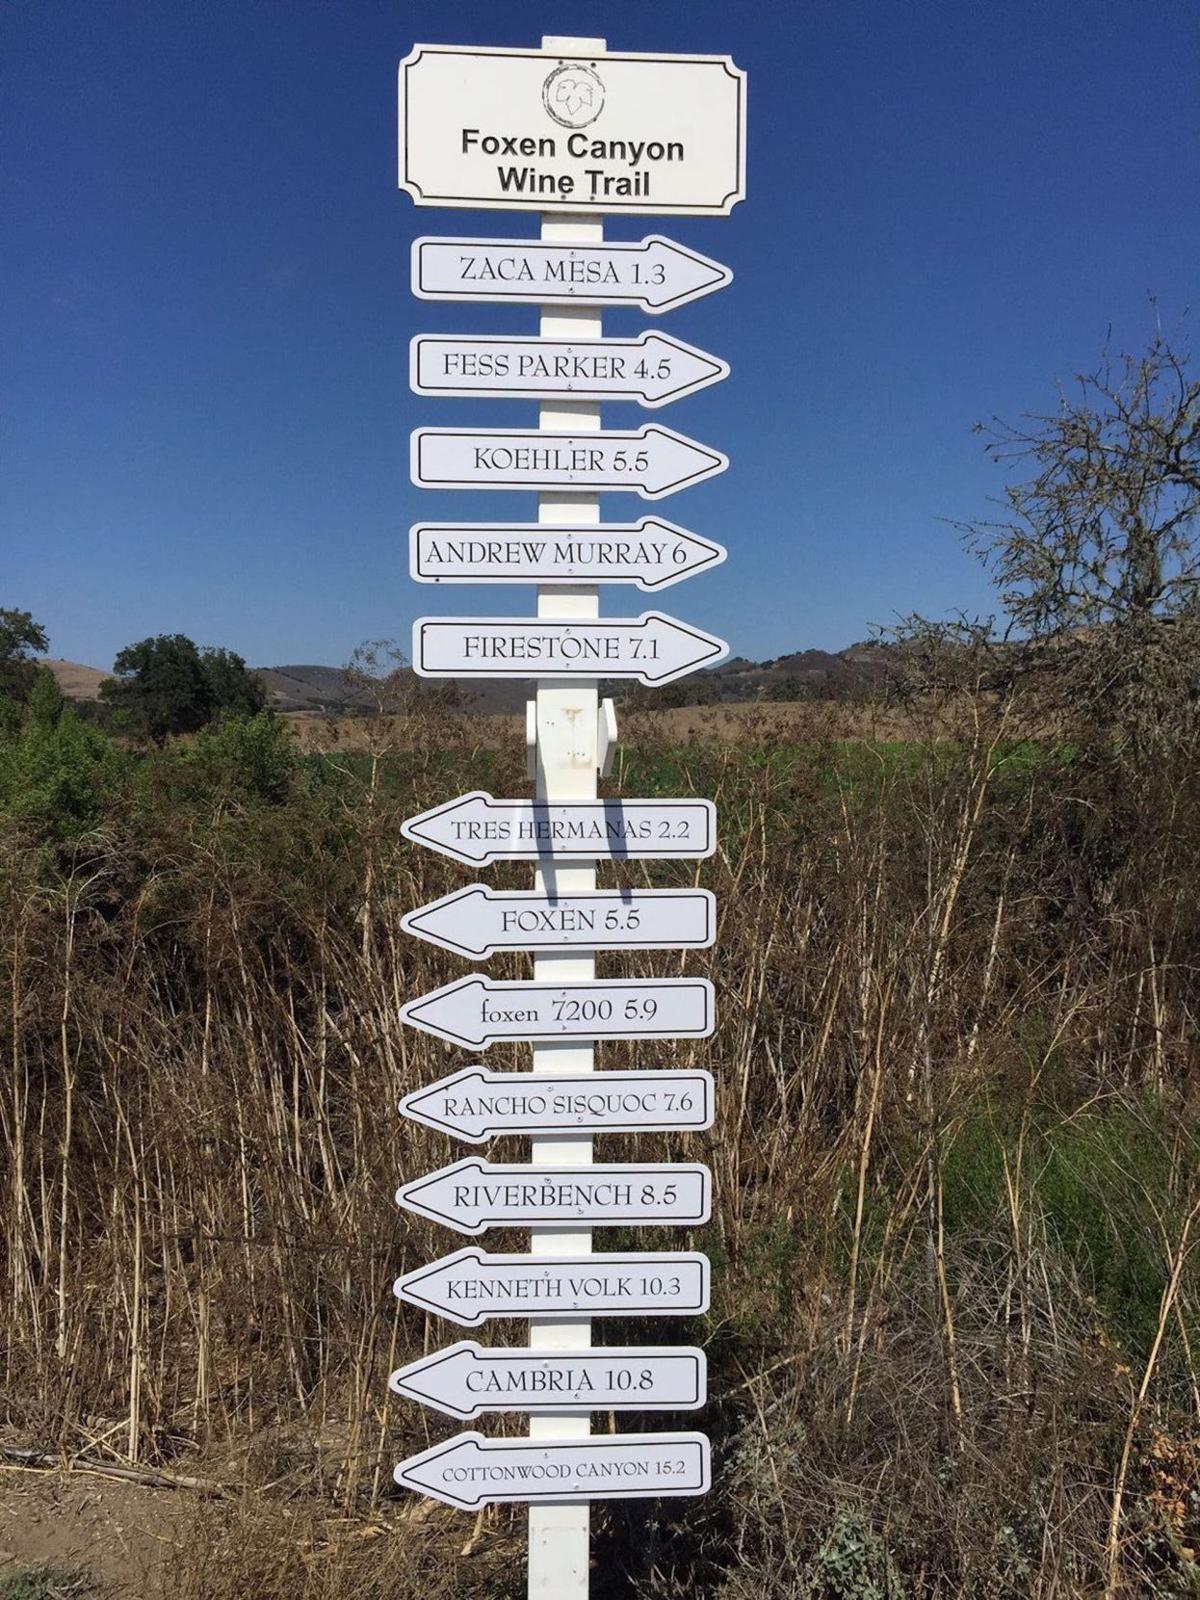 Thirteen wineries make up the Foxen Wine Trail